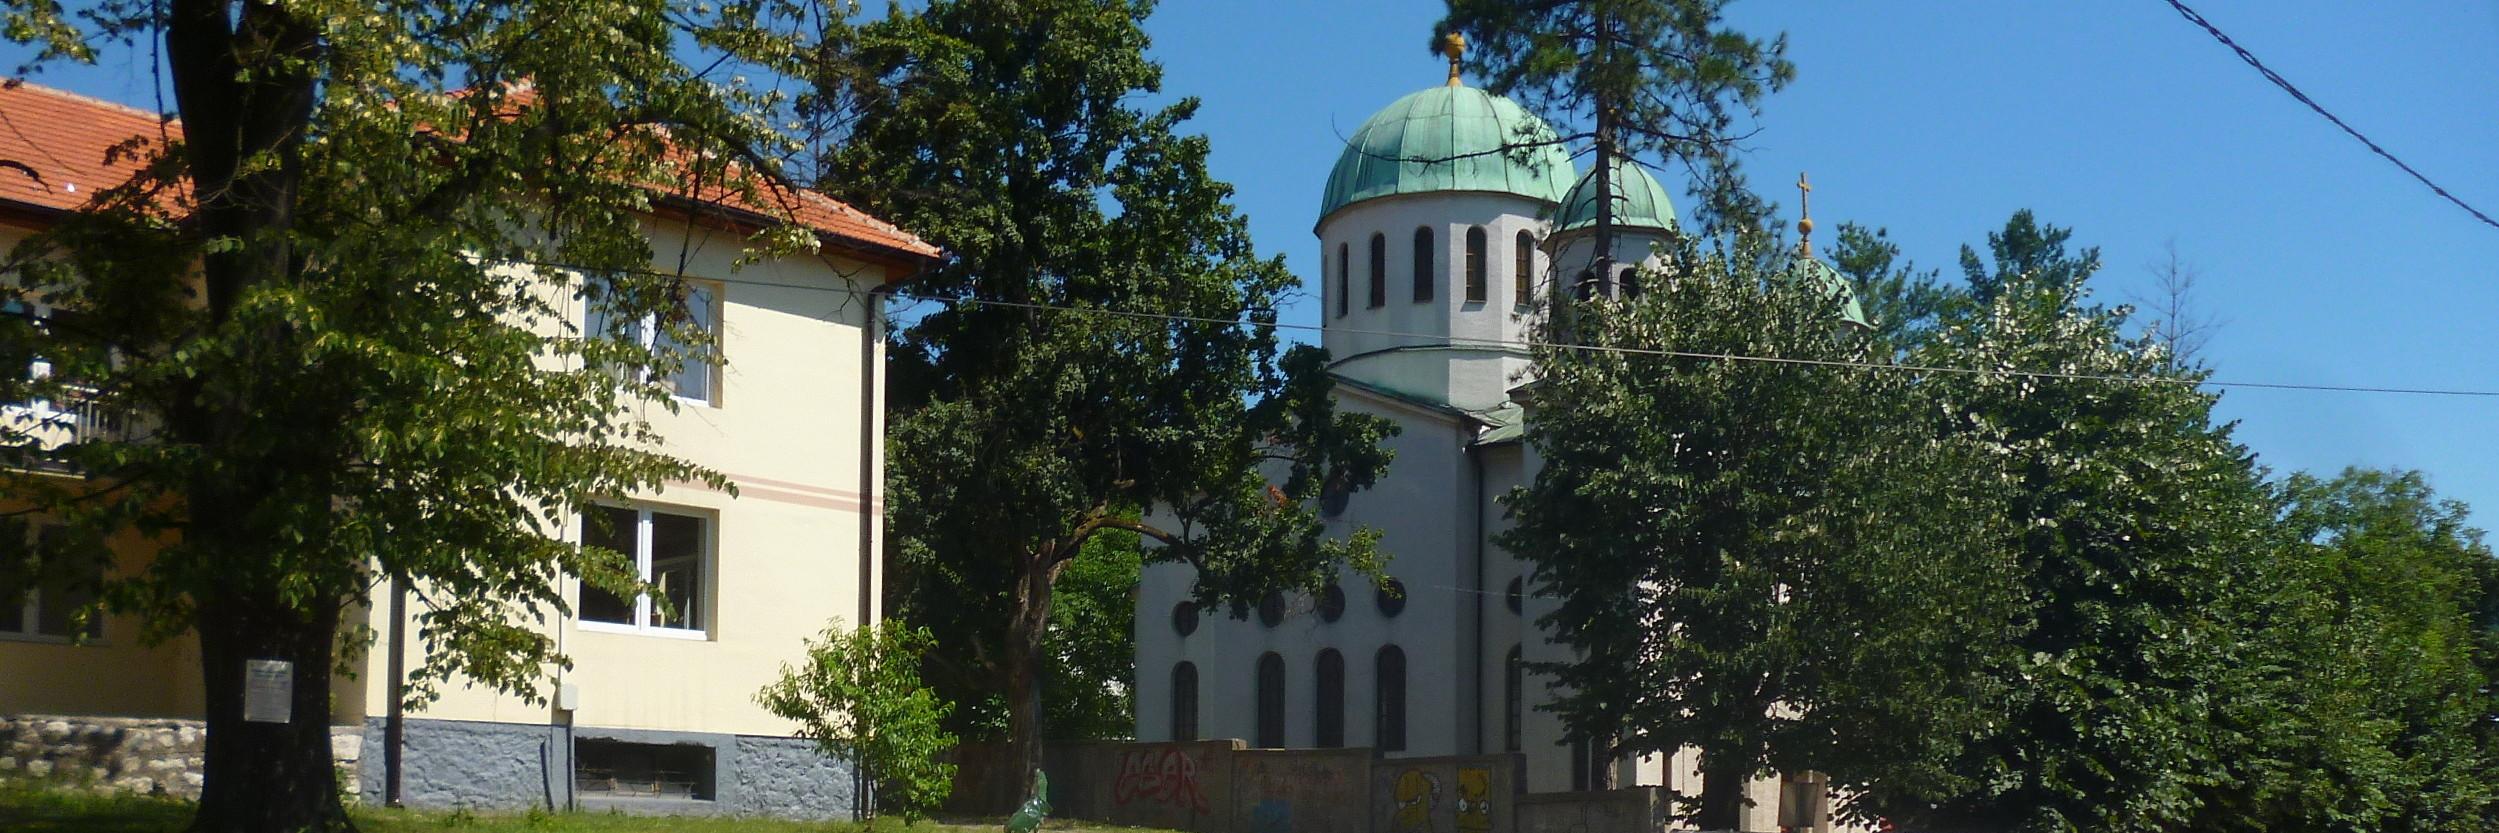 Церковь Вознесения Господня в Грачанице